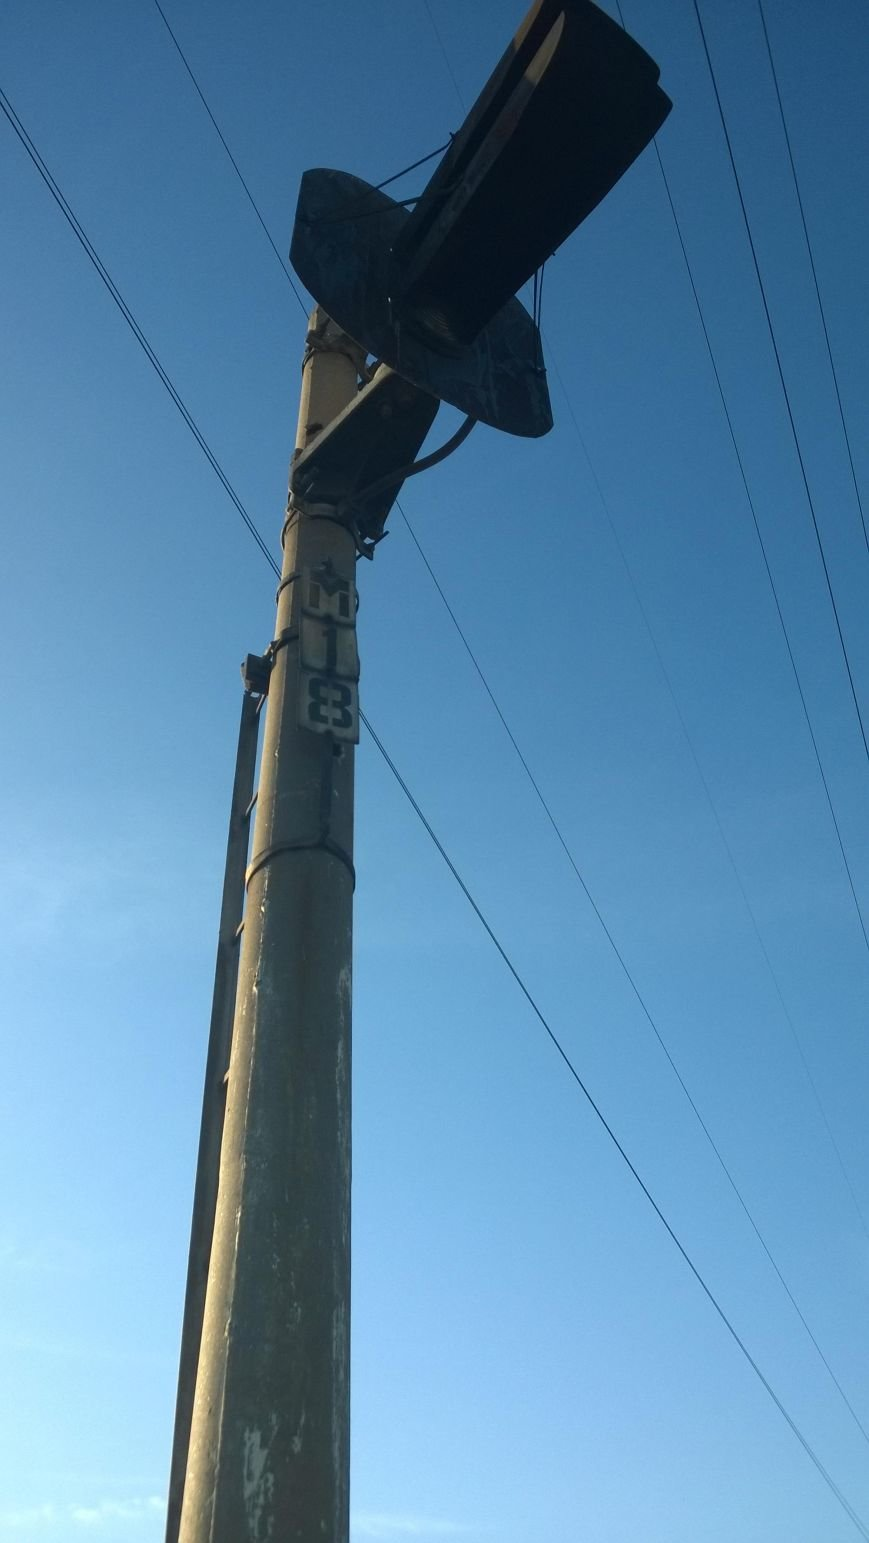 Комсомольский школьник украл на металлолом железнодорожный светофор (ФОТО), фото-5